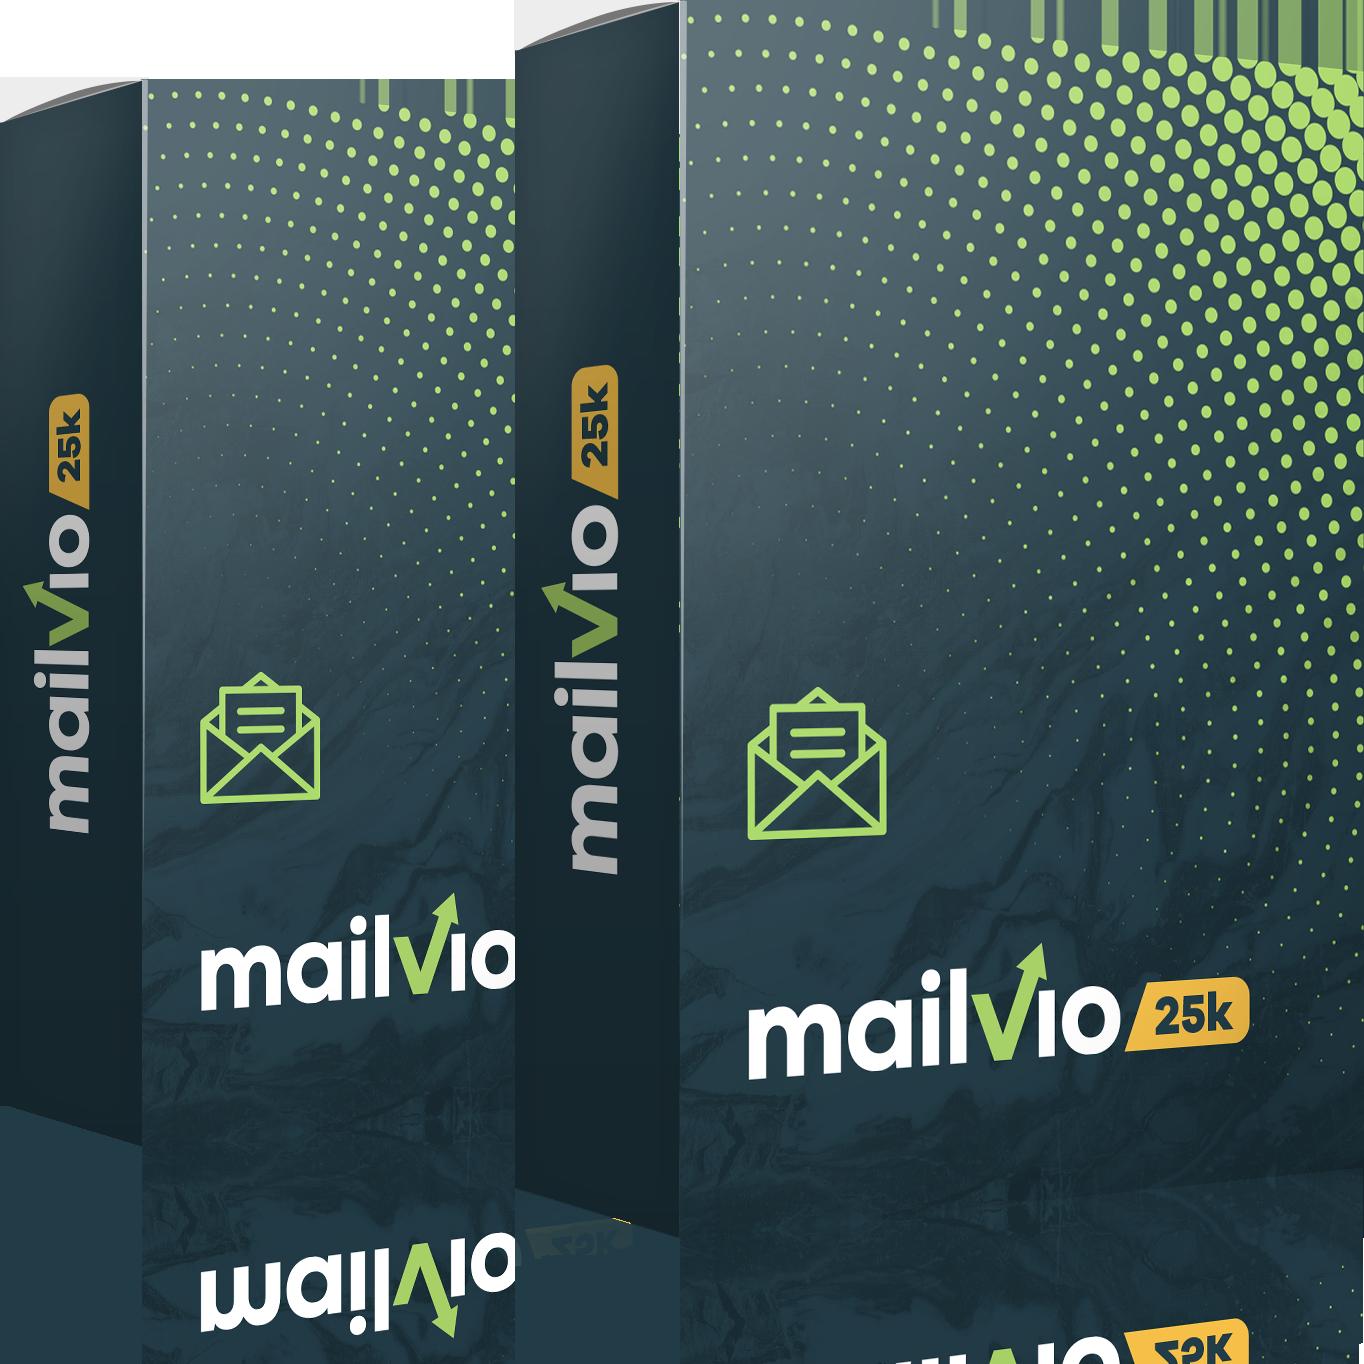 mailvio 25k review